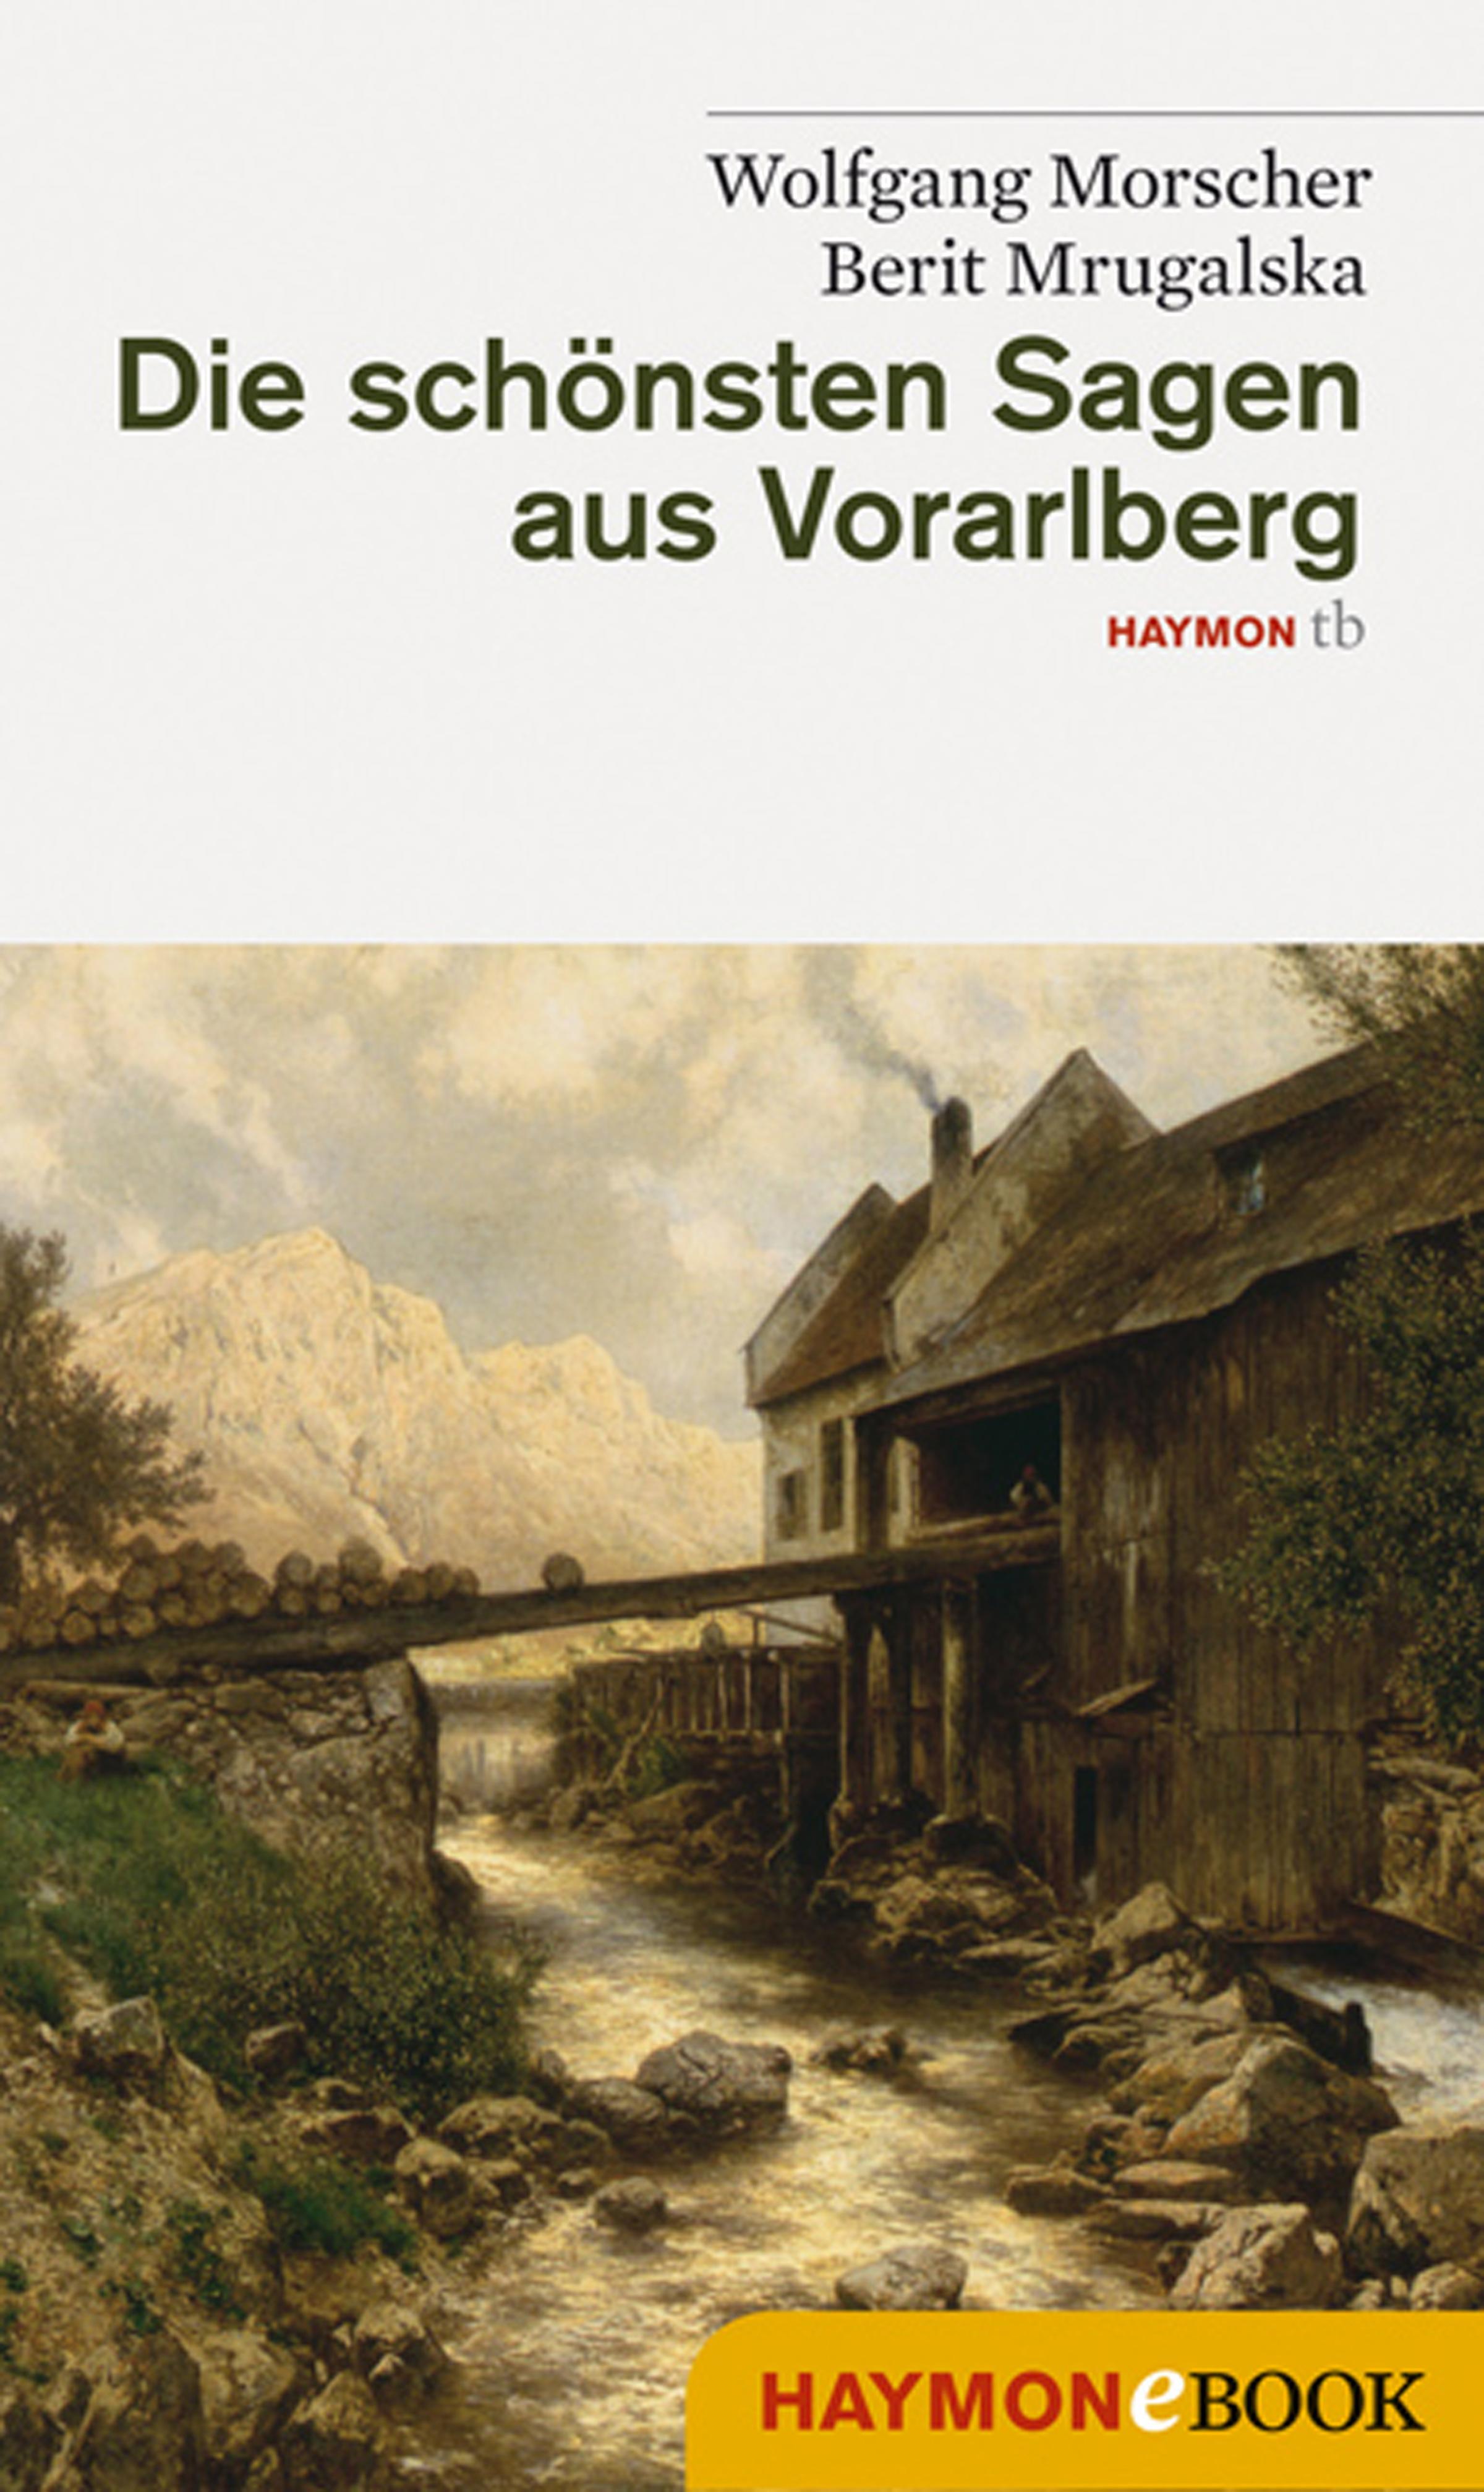 Wolfgang Morscher Die schönsten Sagen aus Vorarlberg ignaz vincenz zingerle sagen aus tirol german edition